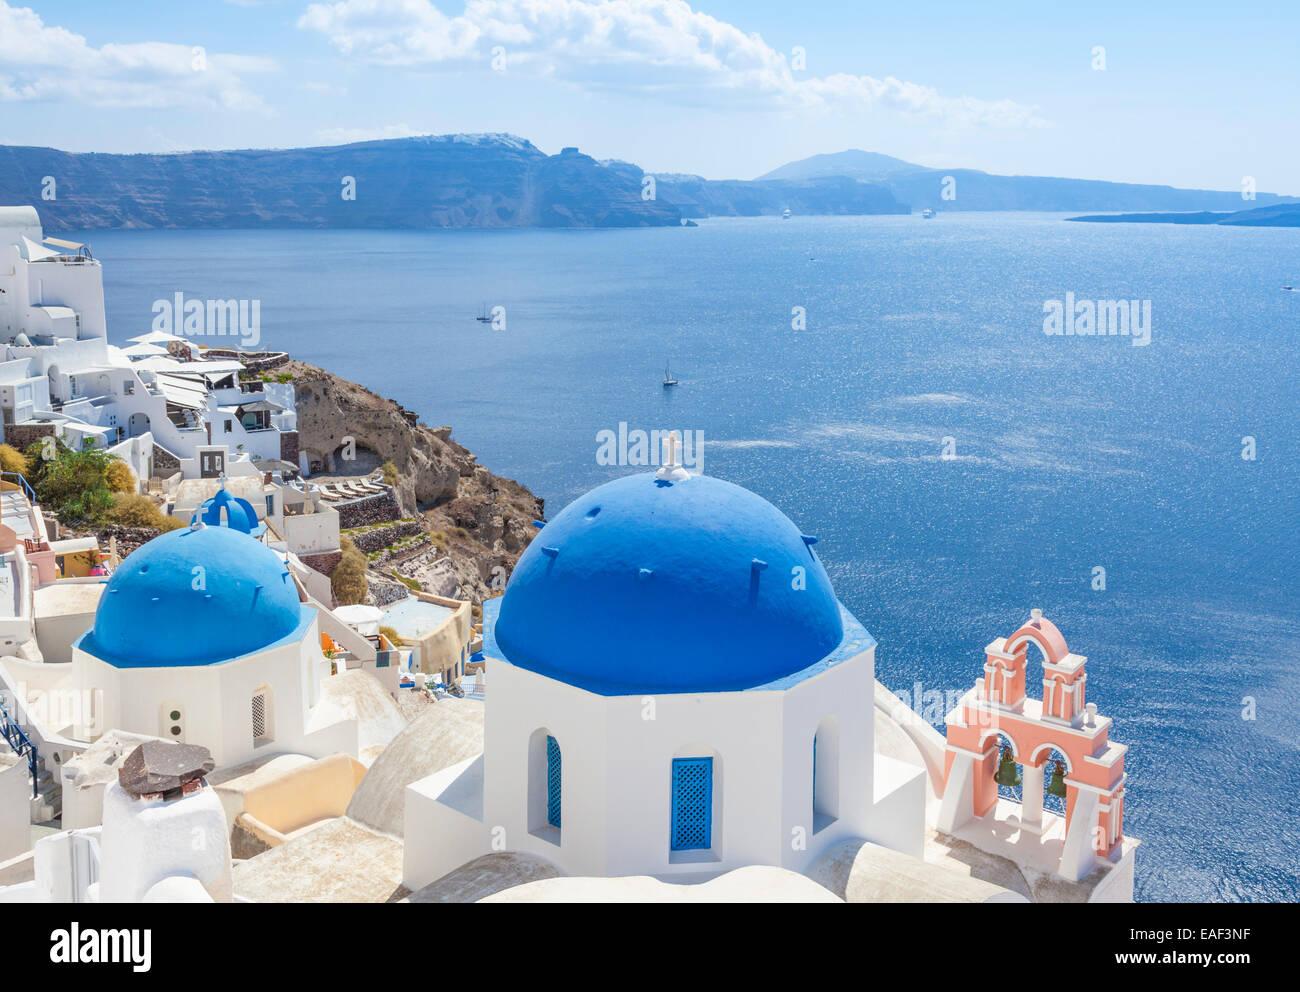 Greco bianco chiesa con cupola blu e rosa torre campanaria, Oia - Santorini, SANTORINI, CICLADI, isole greche, Grecia, Immagini Stock